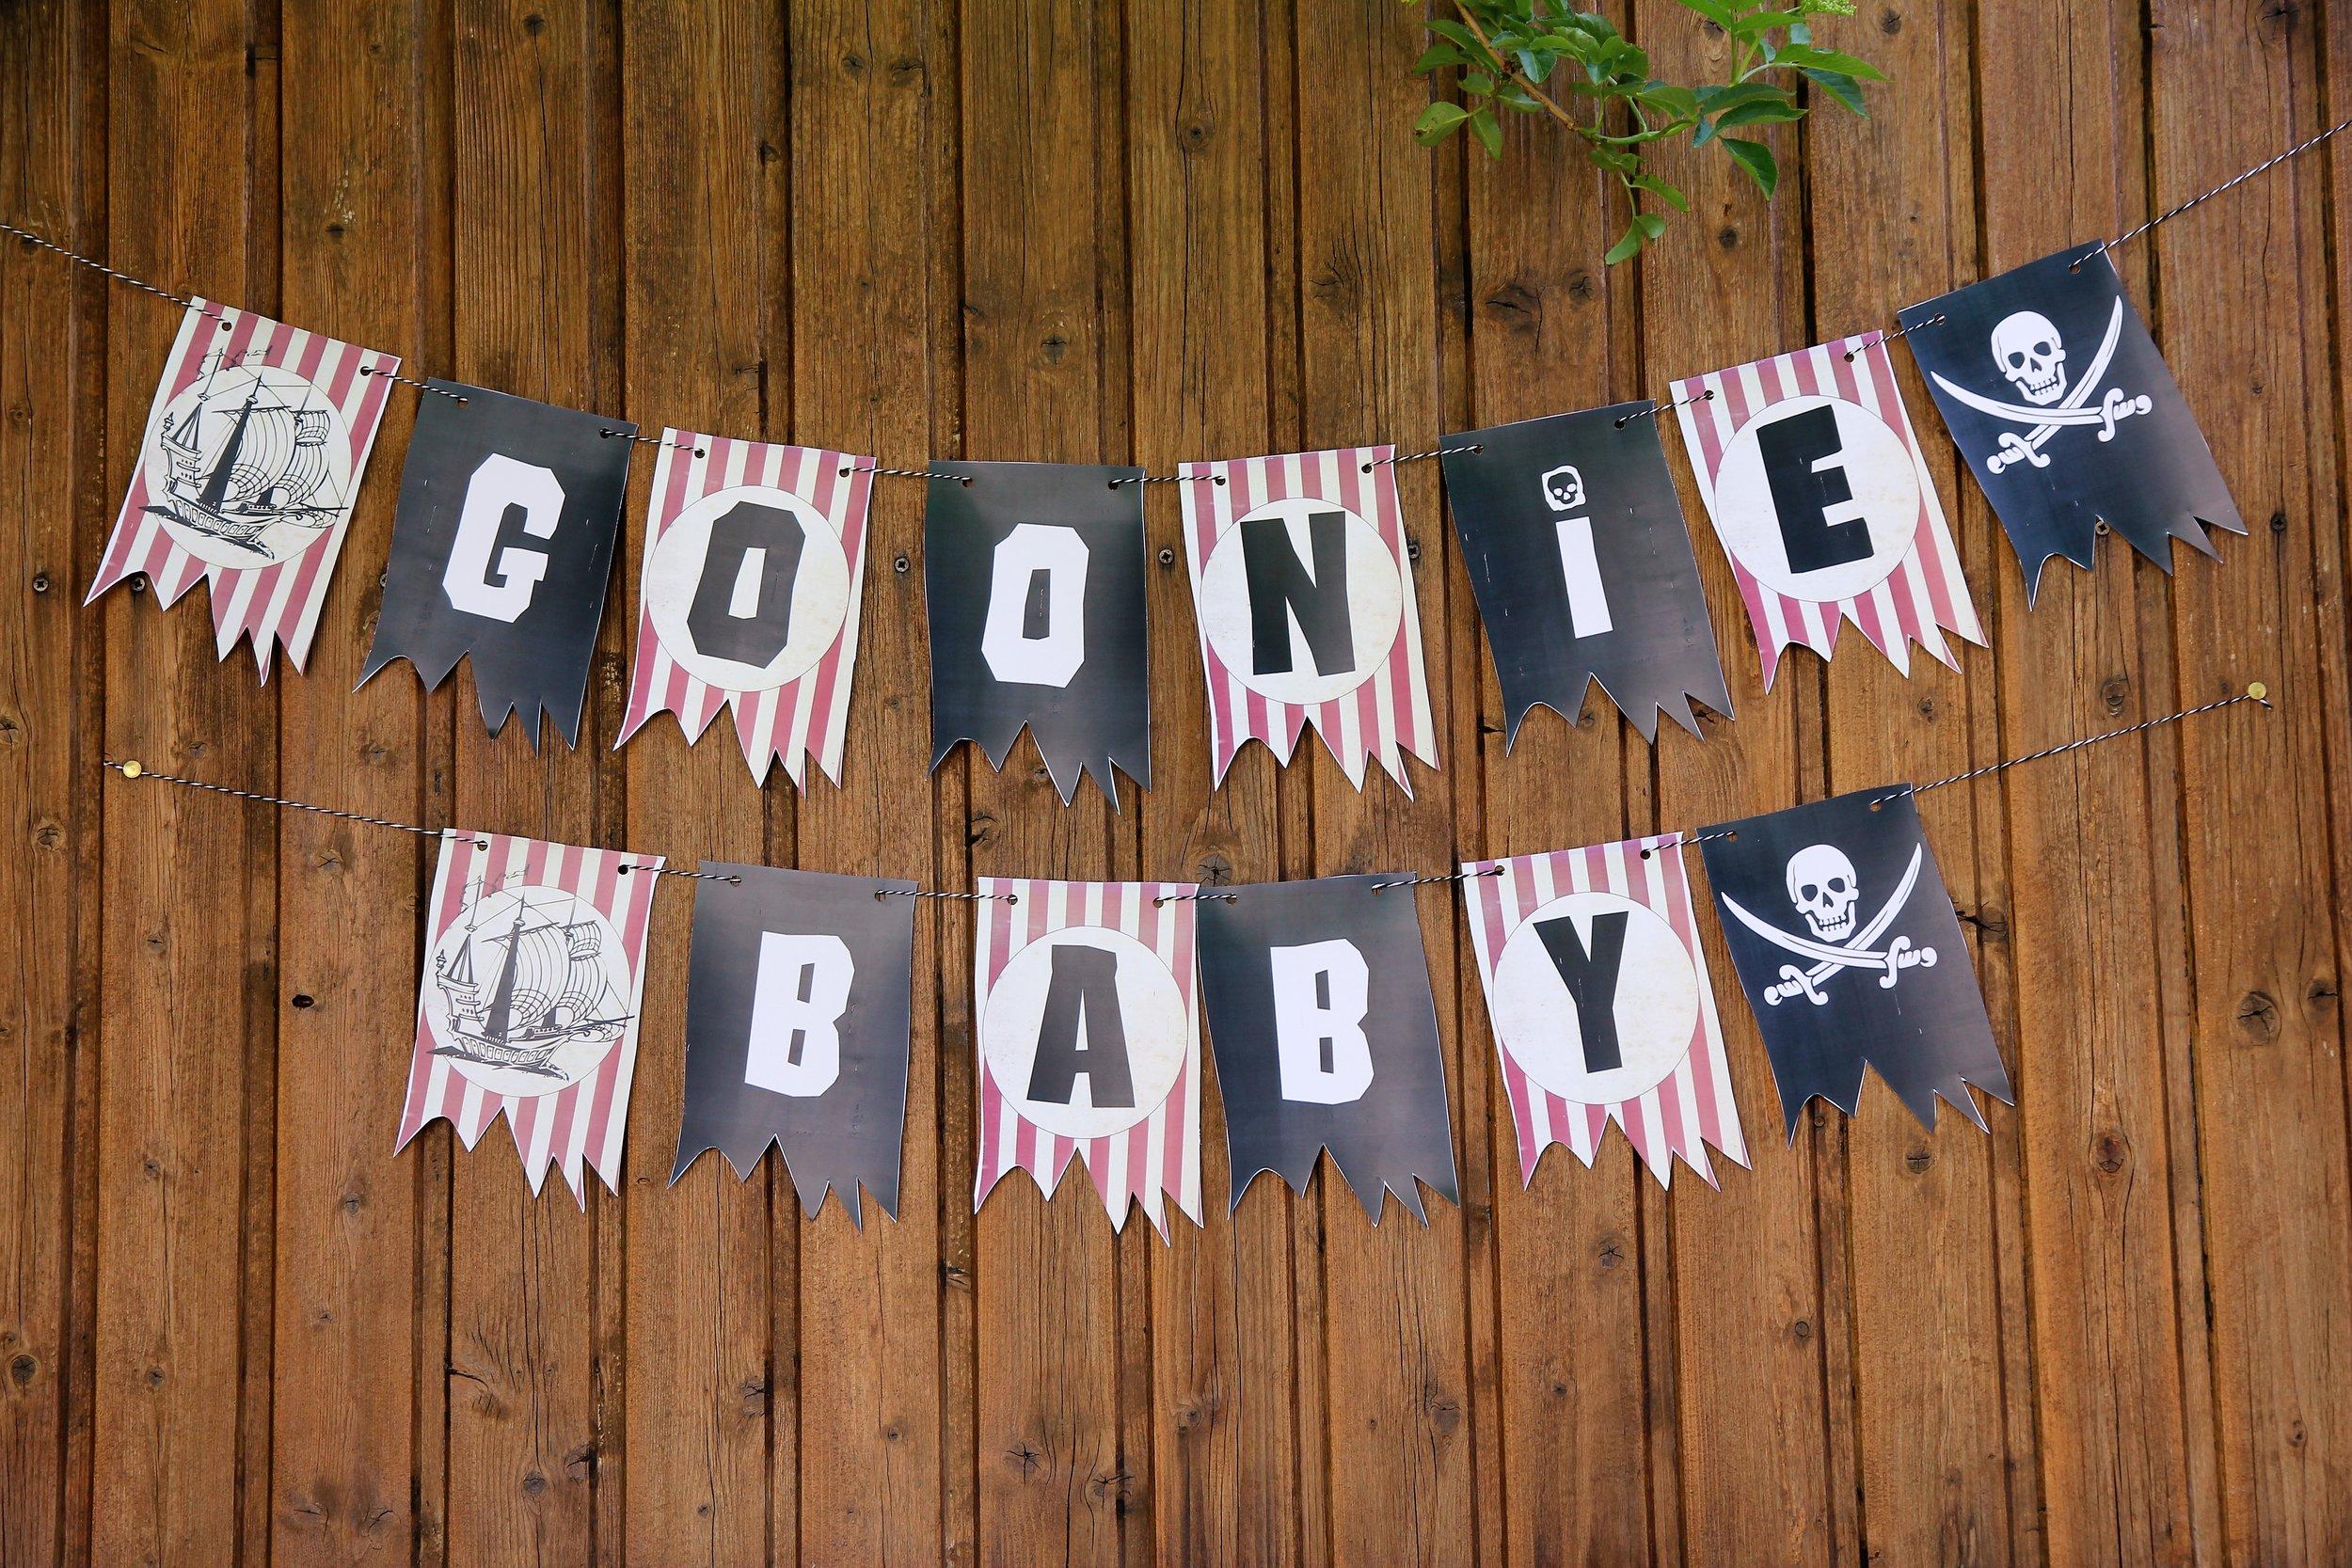 Goonie Baby Banner.jpg